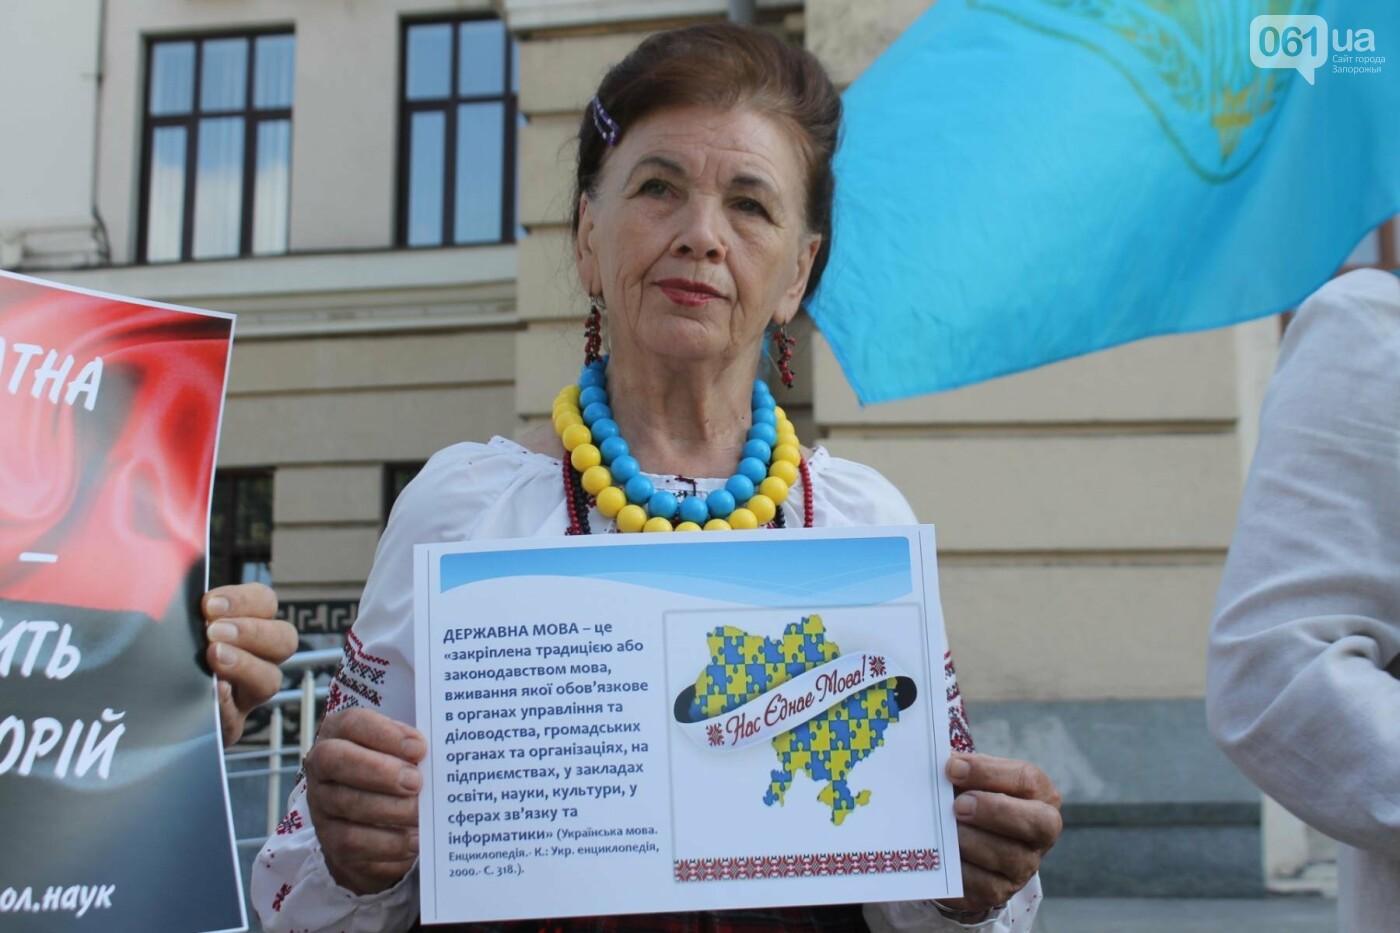 В Запорожье на митинг в защиту украинского языка под мэрию вышли 5 человек, – ФОТОРЕПОРТАЖ, фото-3